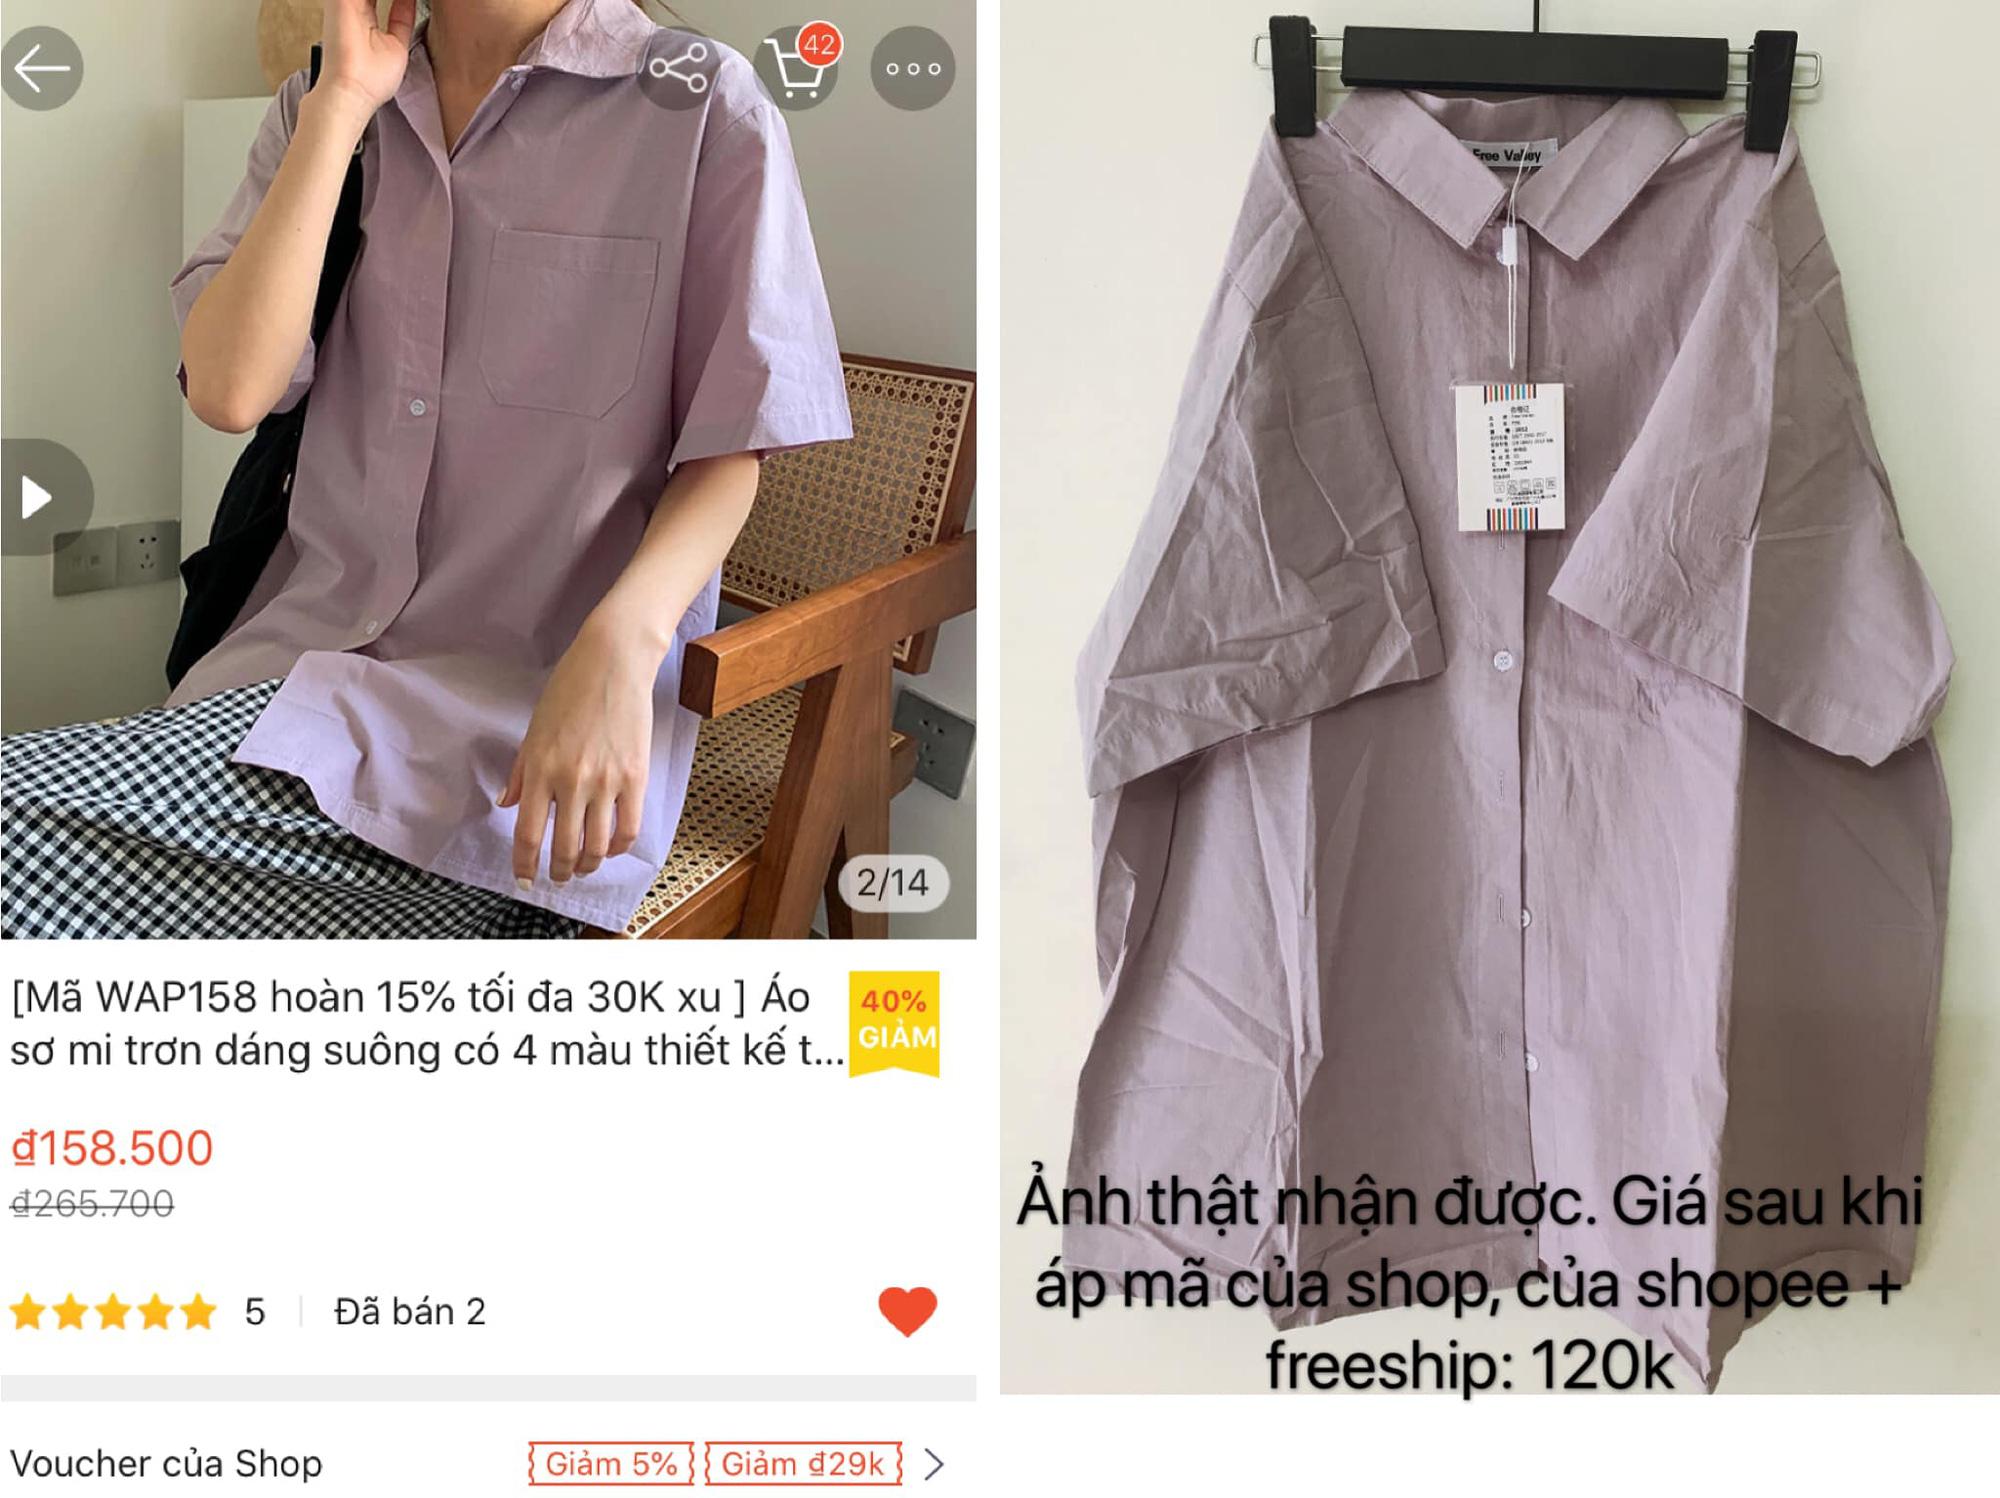 Tín đồ shopping chỉ cách mua quần áo ở shop quốc tế Shopee giá rẻ bằng 1/2 mua trong nước - Ảnh 4.